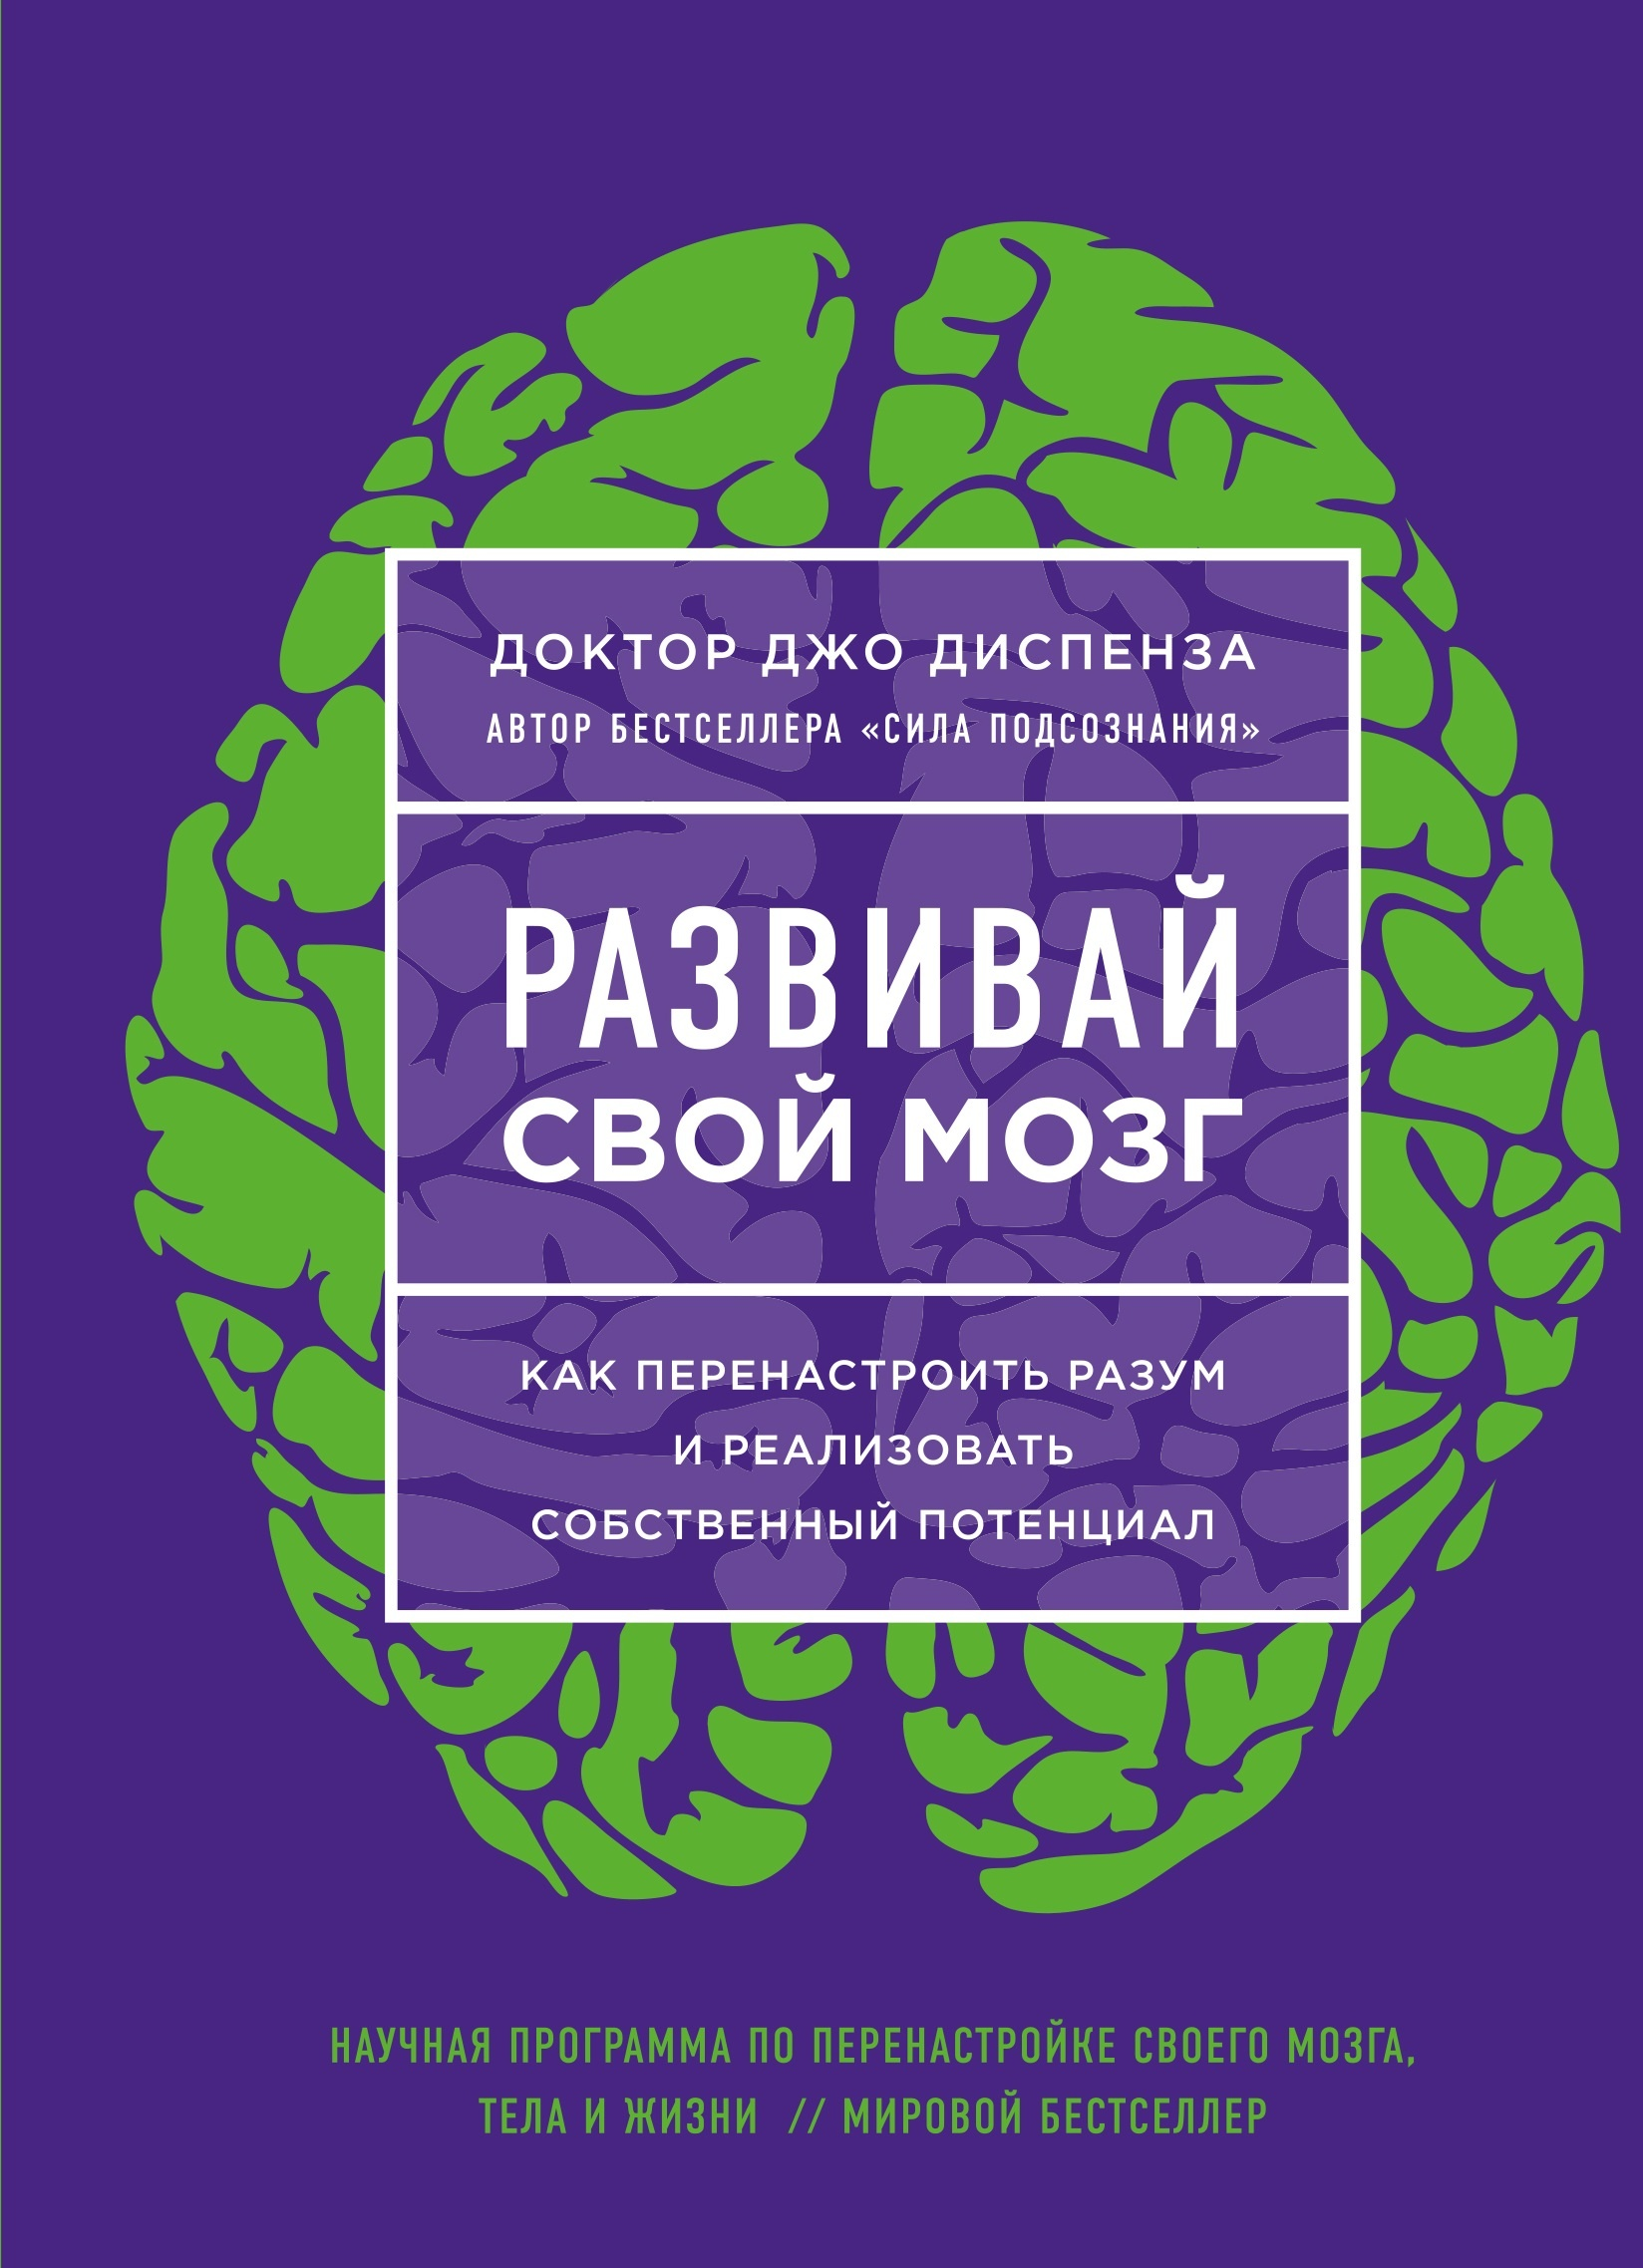 Развивай свой мозг. Как перенастроить разум и реализовать собственный потенциал. Автор — Джо Диспенза. Переплет —